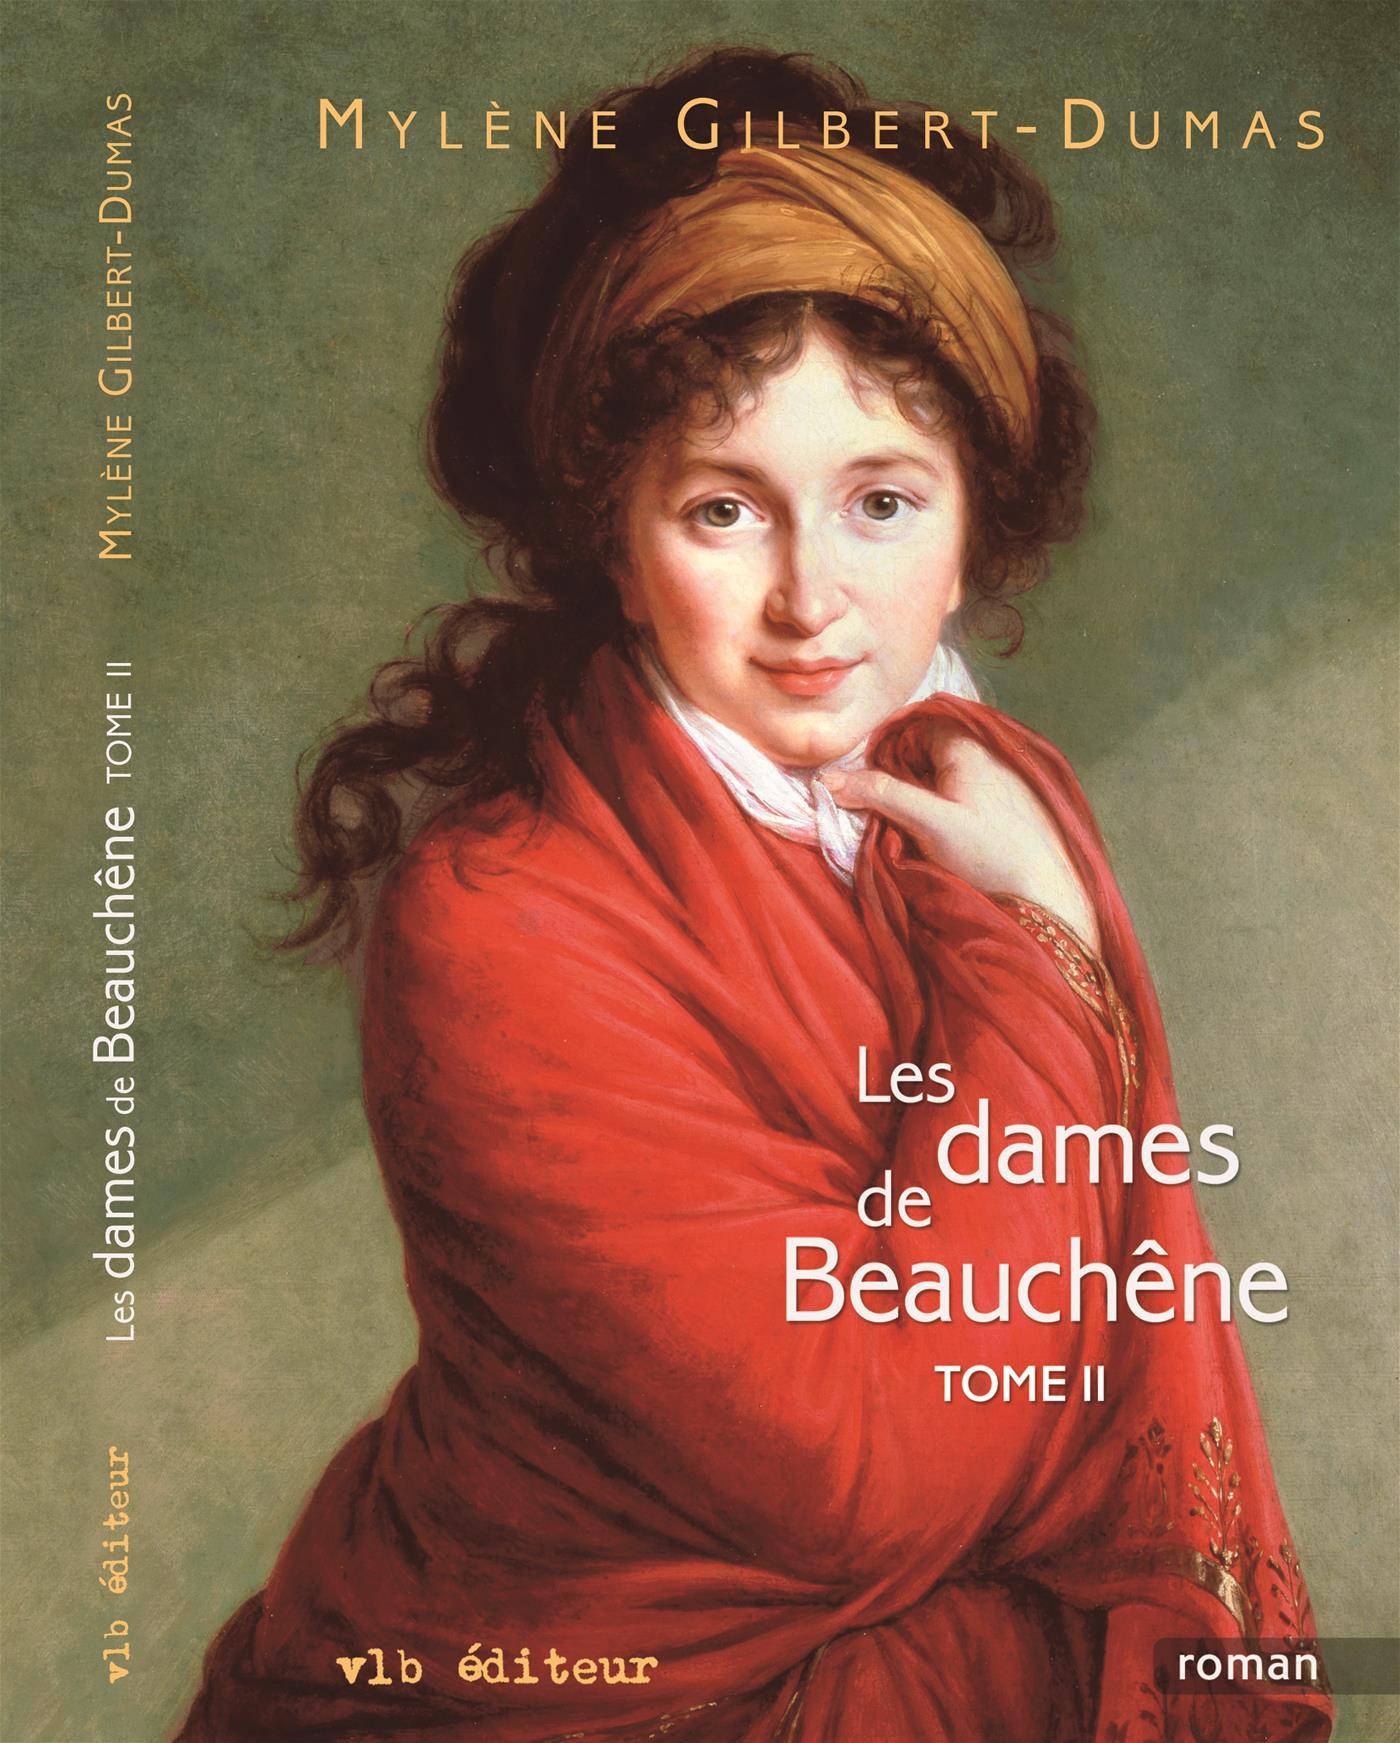 Les dames de Beauchêne - Tome 2